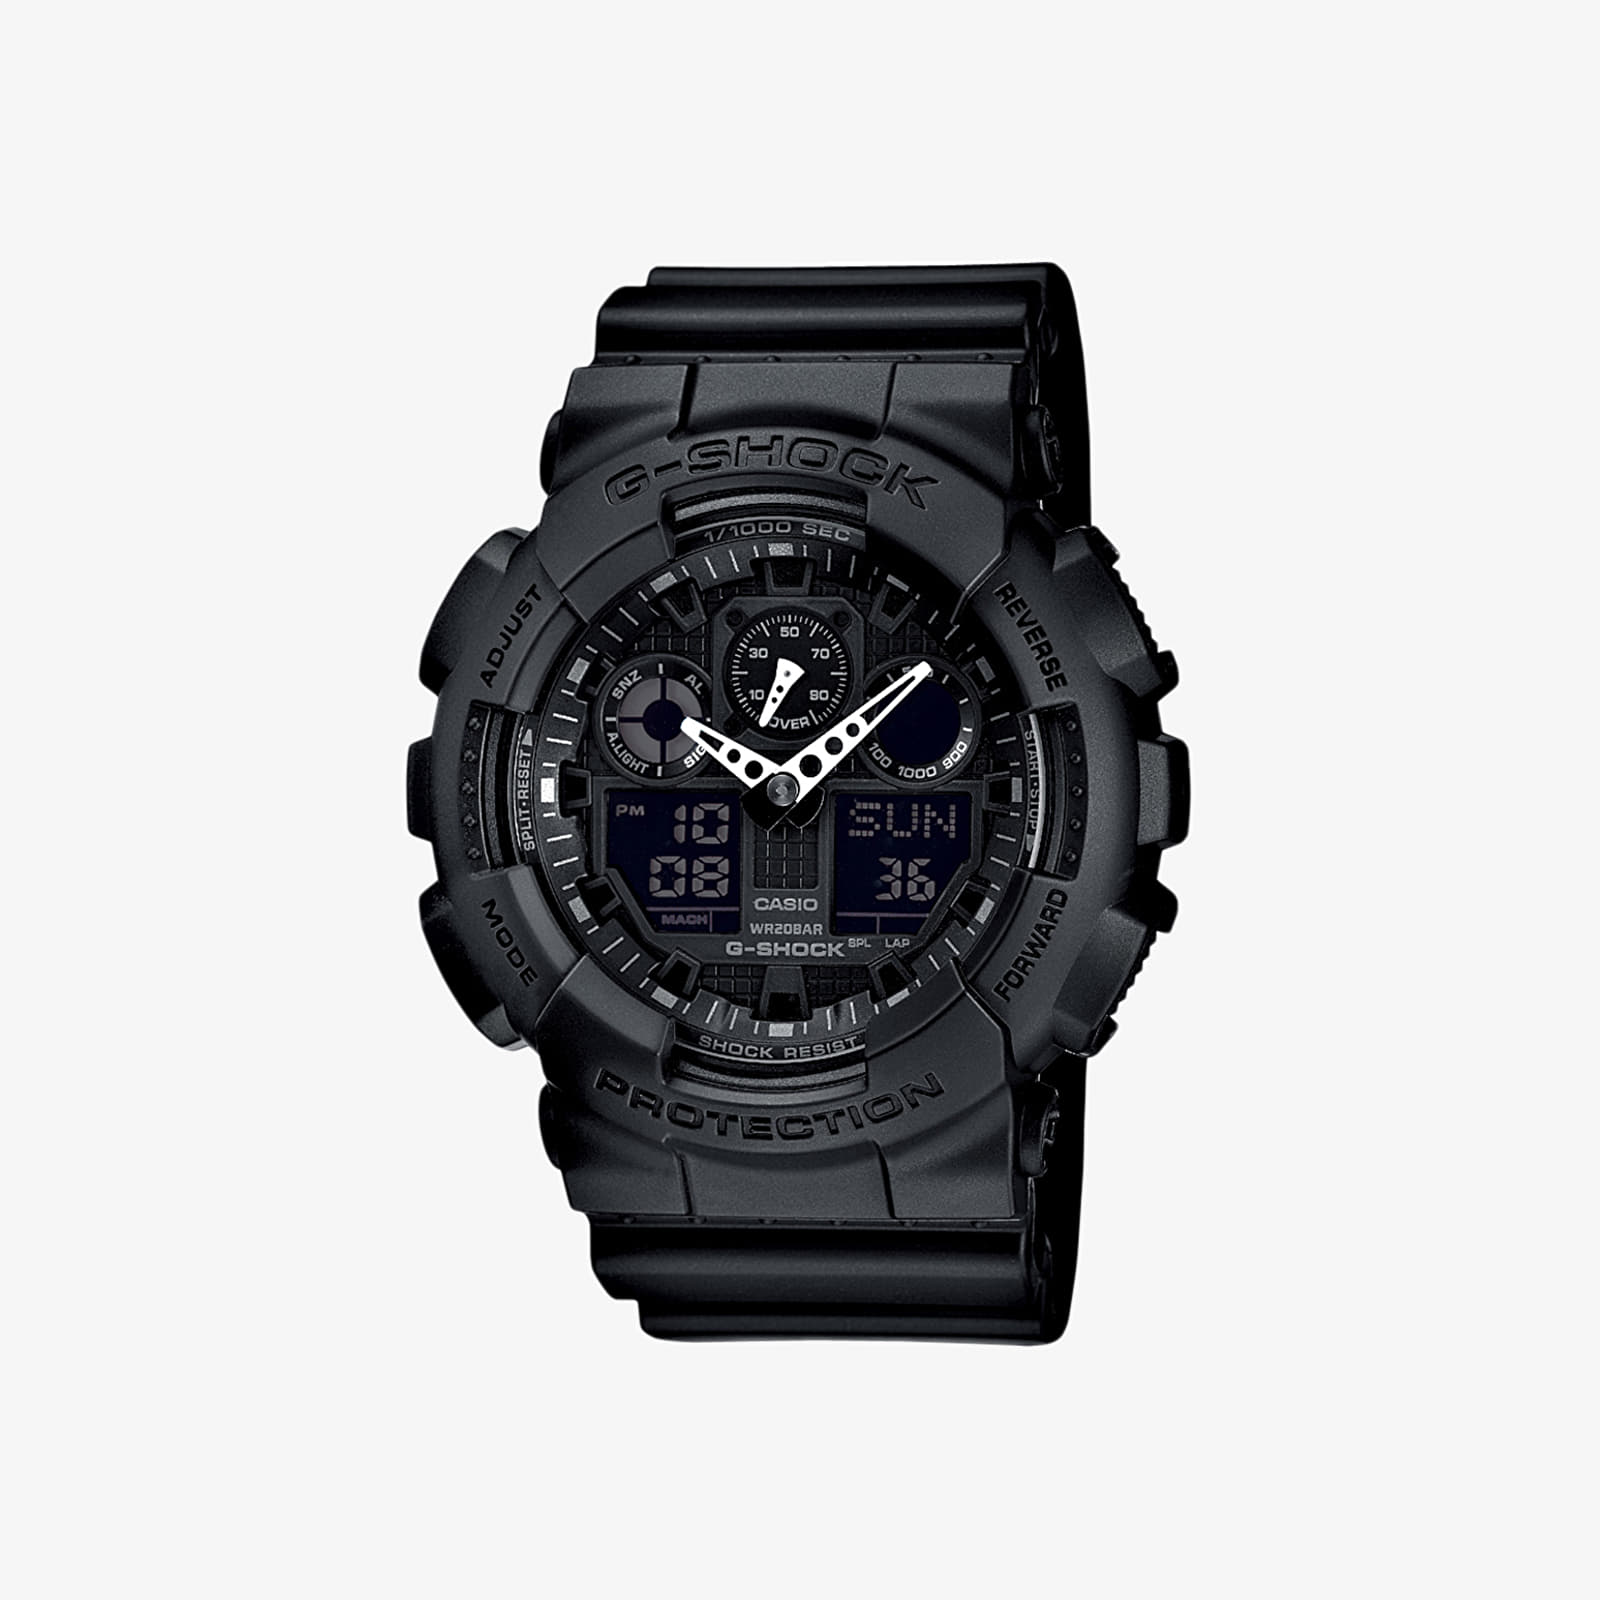 Horloges G-Shock GA-100-1A1ER Black